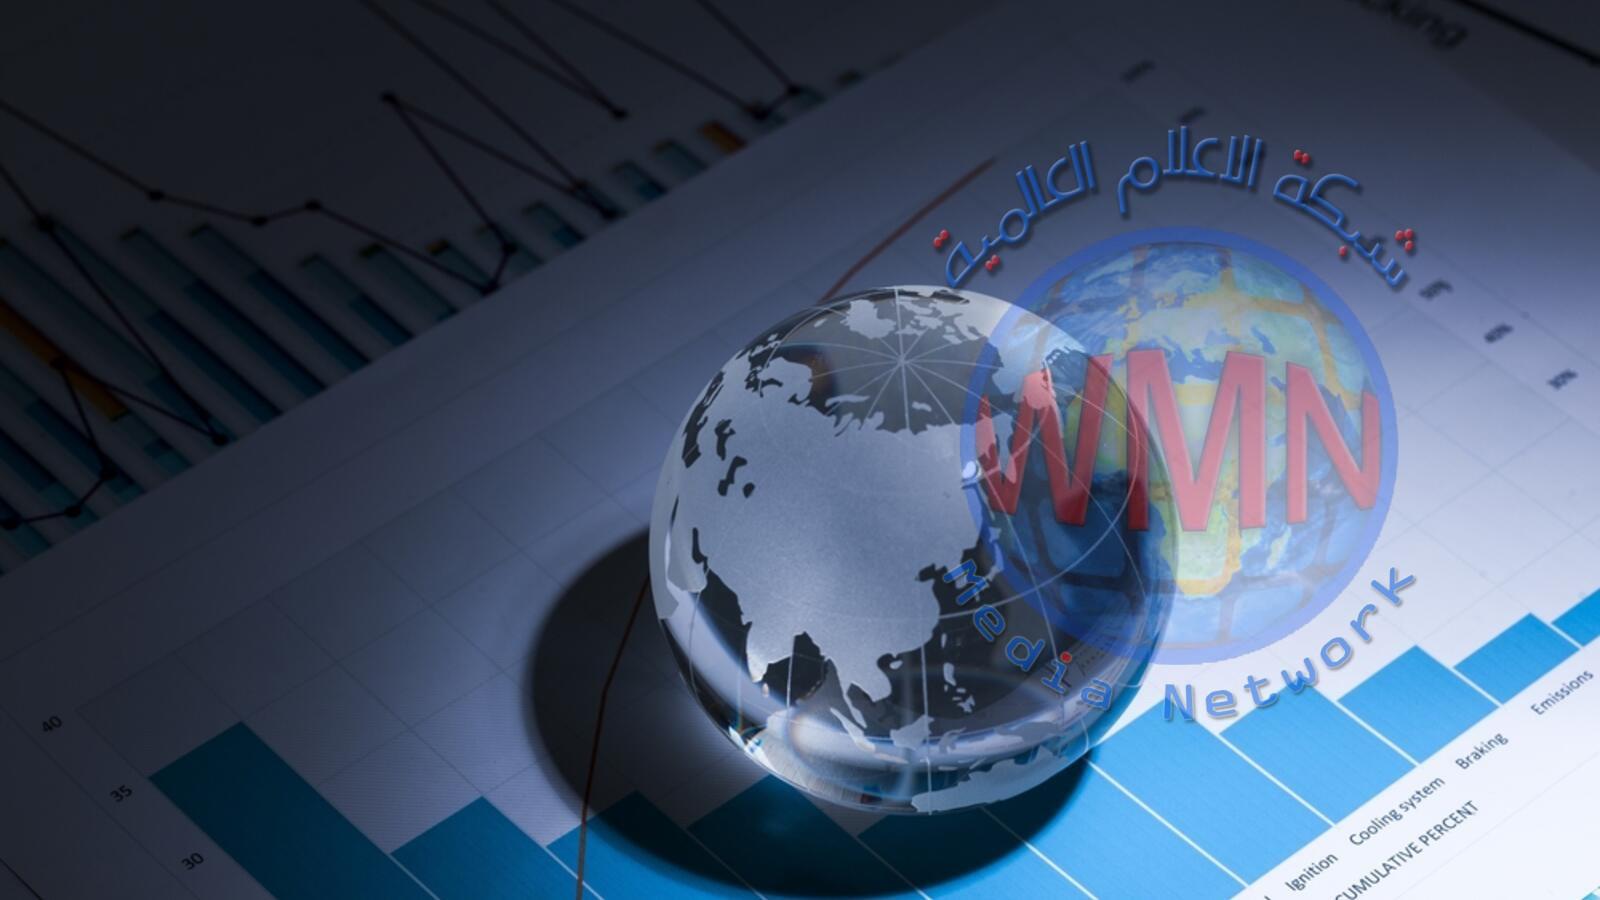 مورجان ستانلي: الاقتصاد العالمي نحو مزيد من الركود بفعل الحرب التجارية بين أمريكا والصين